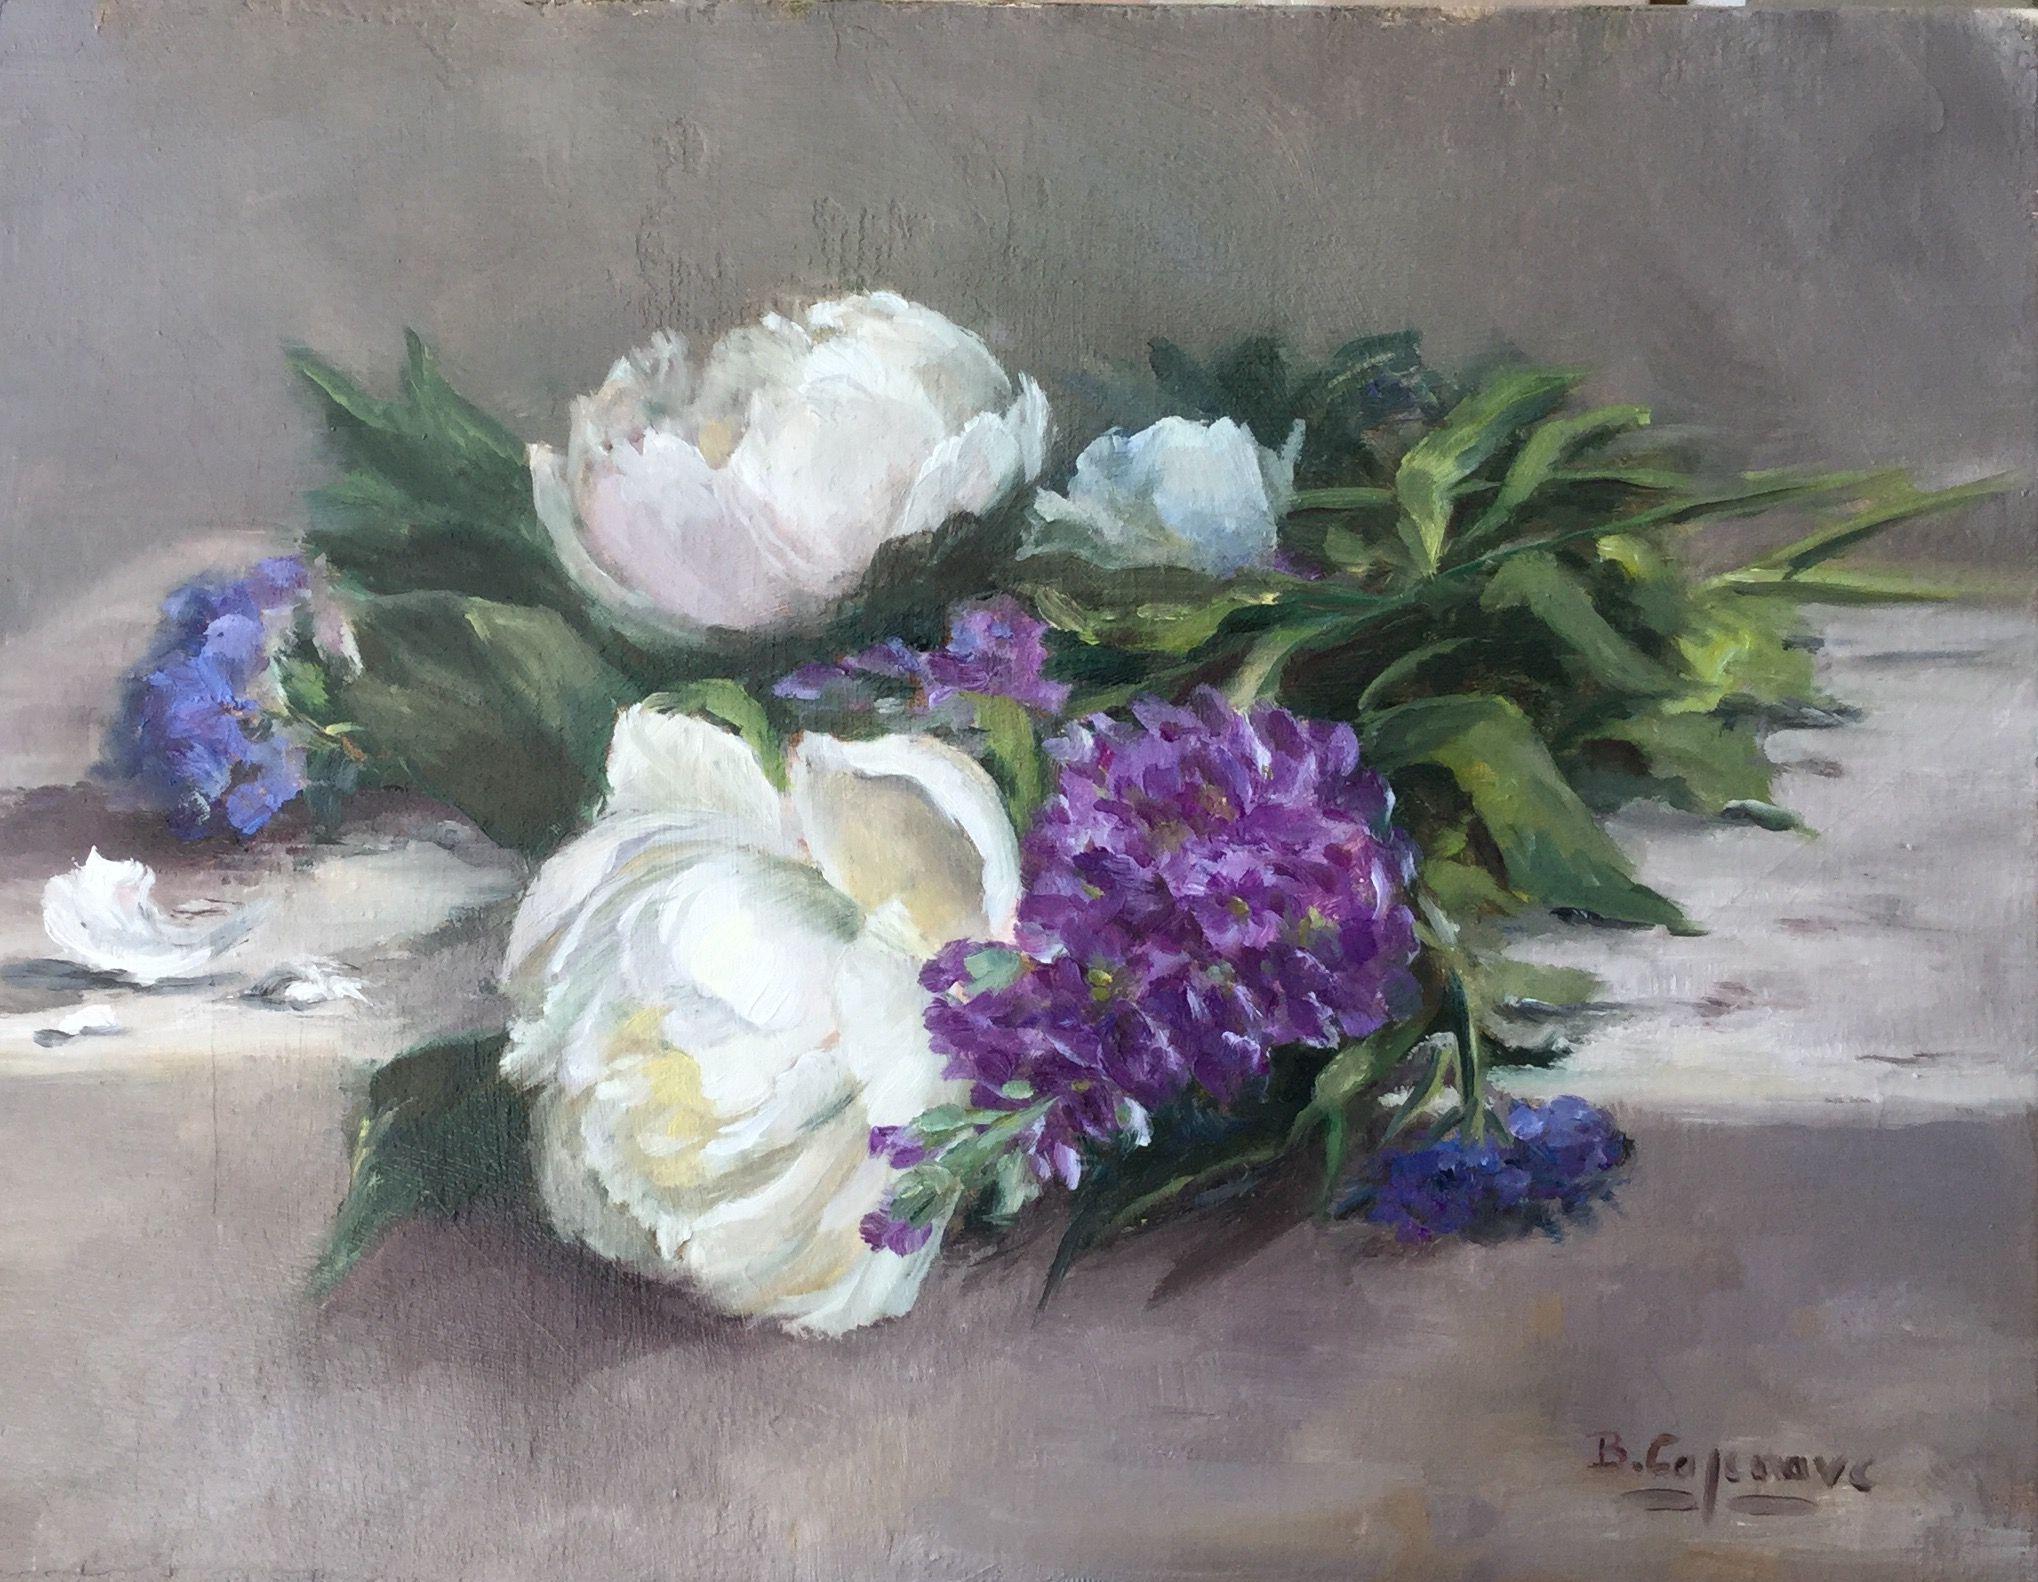 les pivoines blanches huile sur toile by brigitte cazenave peinture de fleurs pinterest. Black Bedroom Furniture Sets. Home Design Ideas